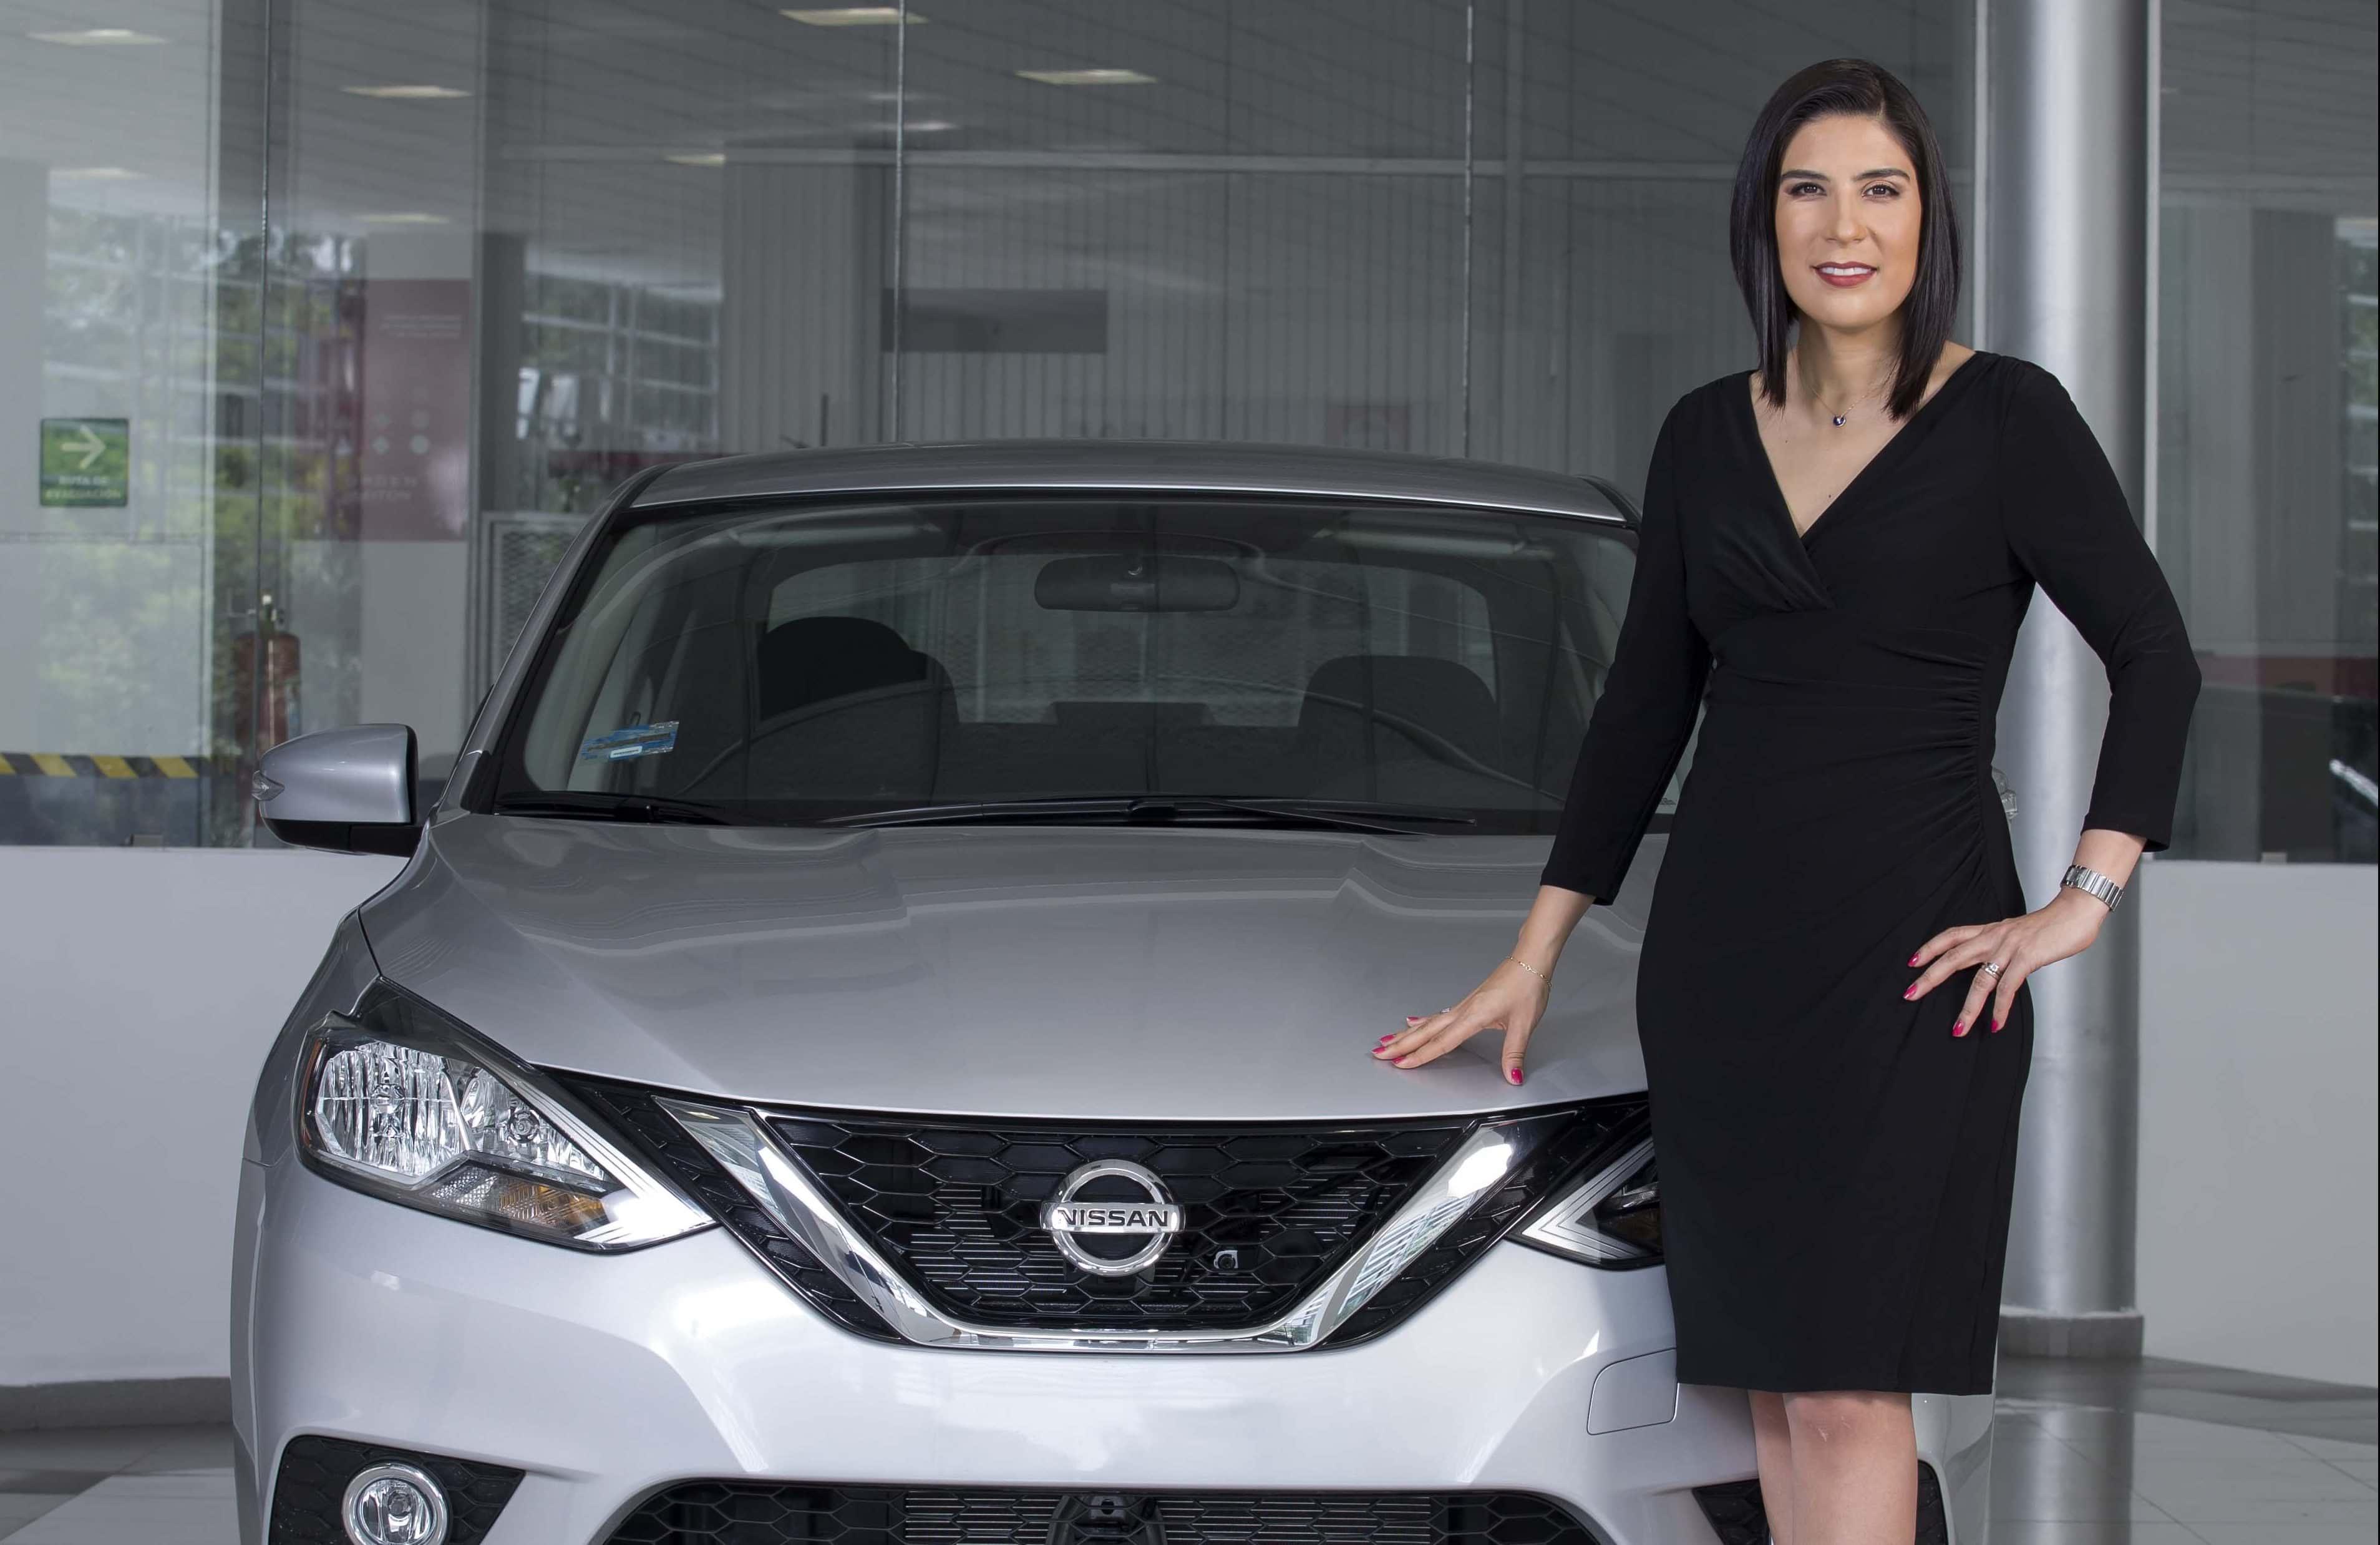 ¿Cómo mantener el liderazgo de Nissan?, el plan de Mayra González